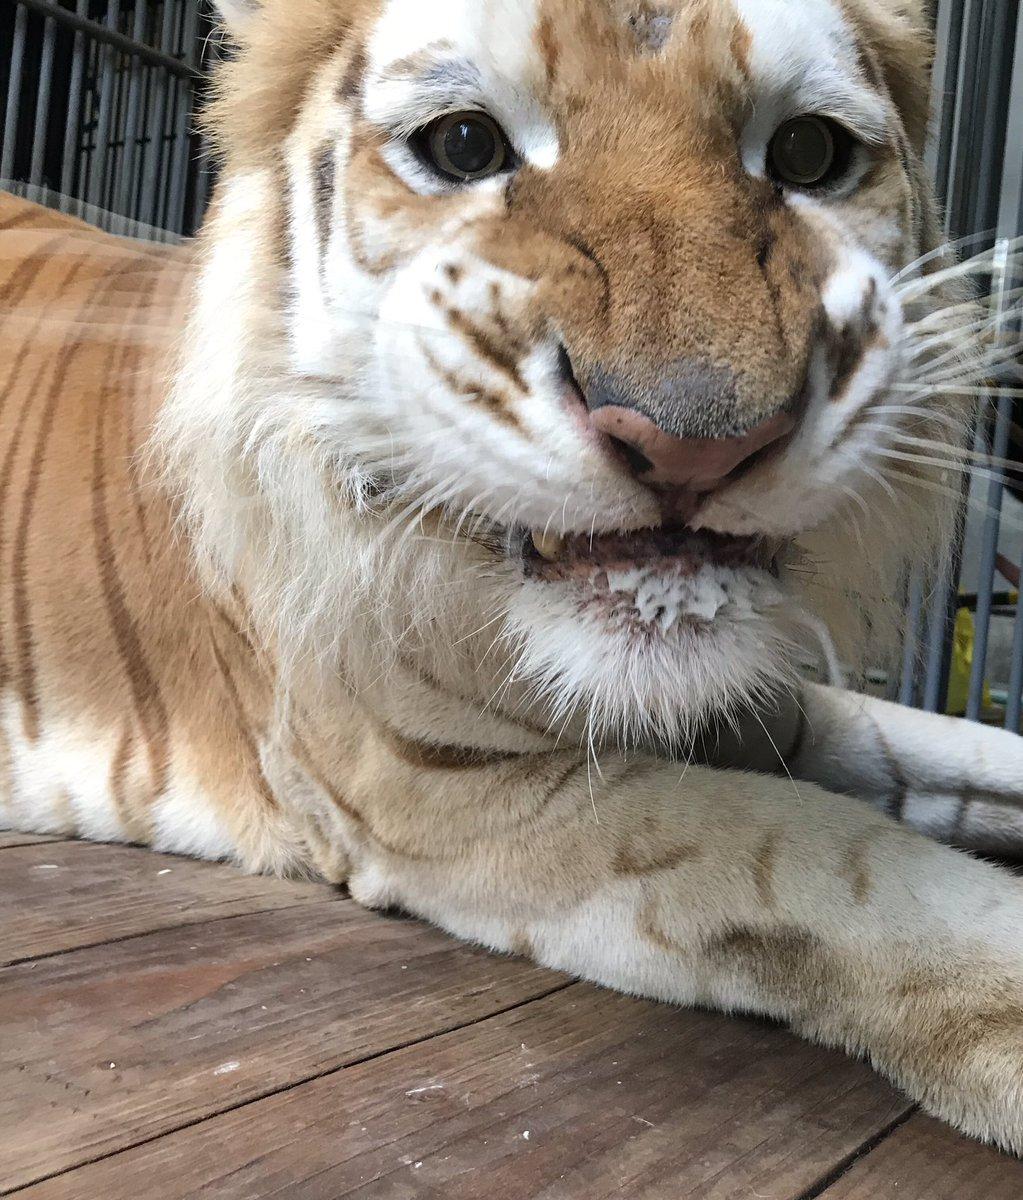 レアな表情のボルタが撮れました🙋♀️📸お食事中なだけで、怒ってるわけではありませんよ😳#結局 #どんな顔してもかわいい #表情豊か #ボルタのいる生活 #tiger #ベンガルトラ